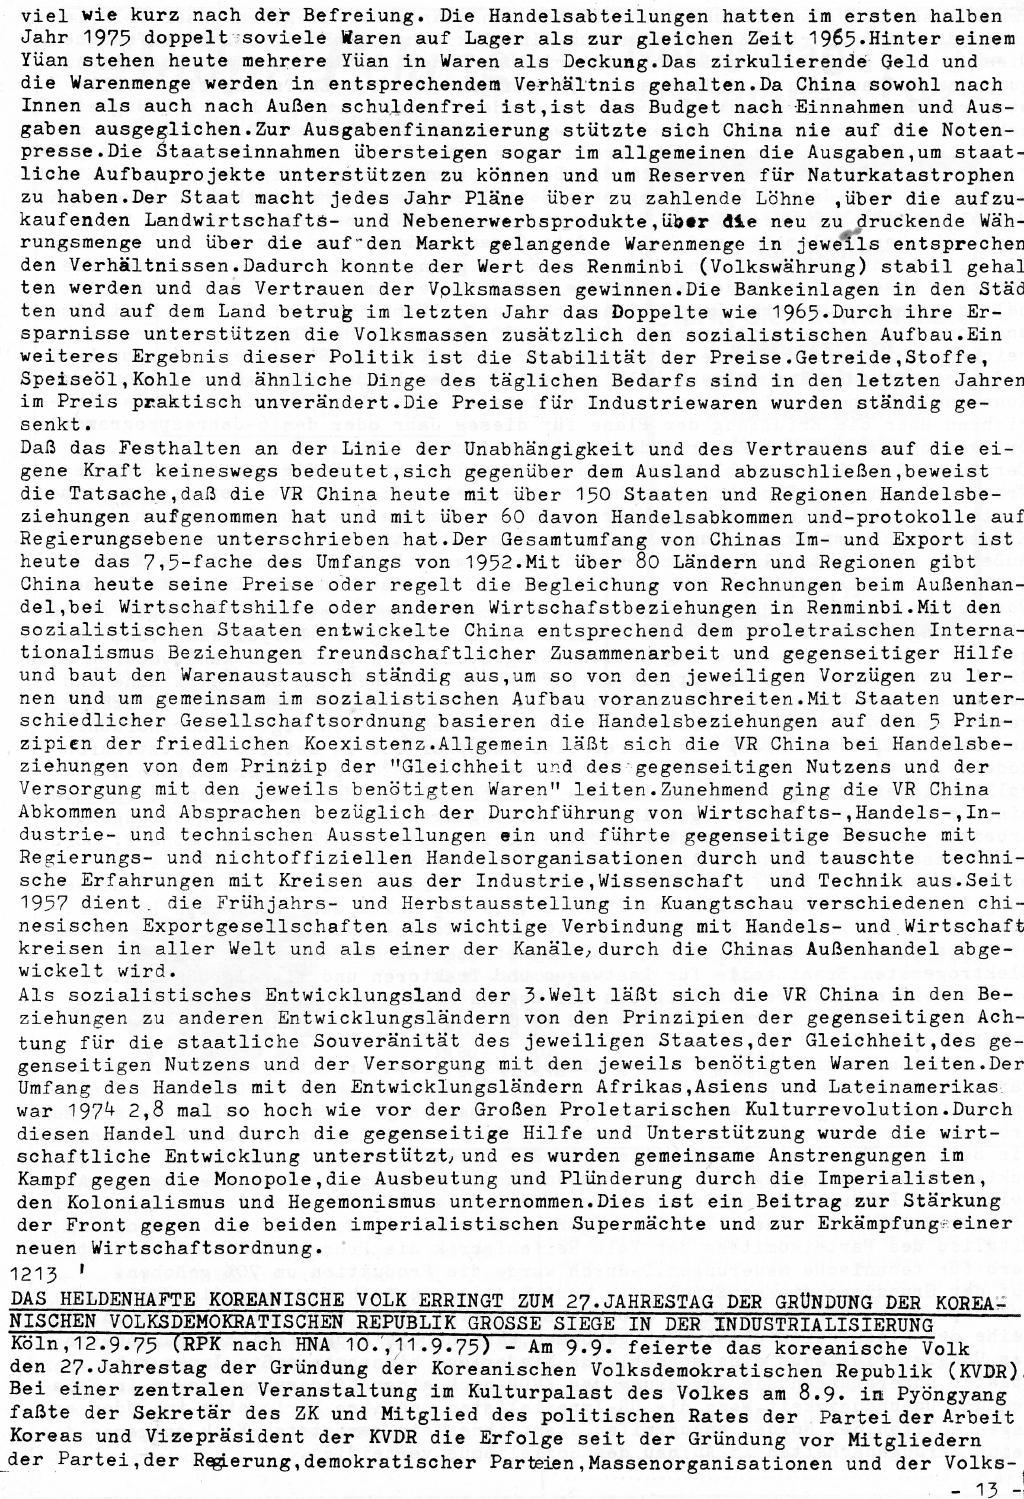 RPK_Pressedienst_1975_43_13